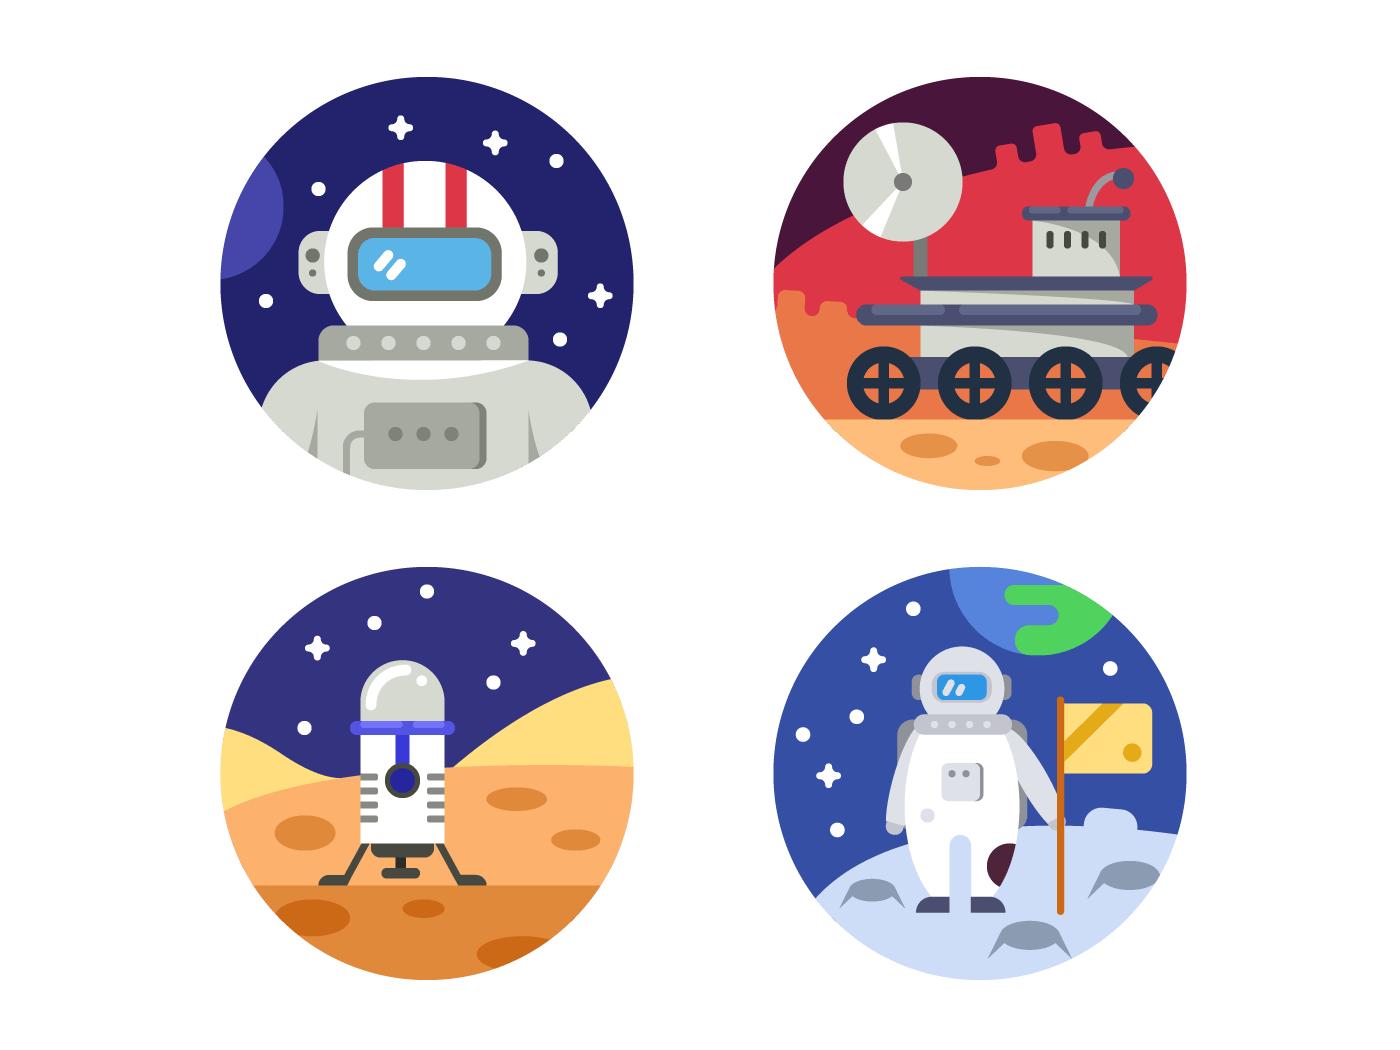 Cosmonaut icons